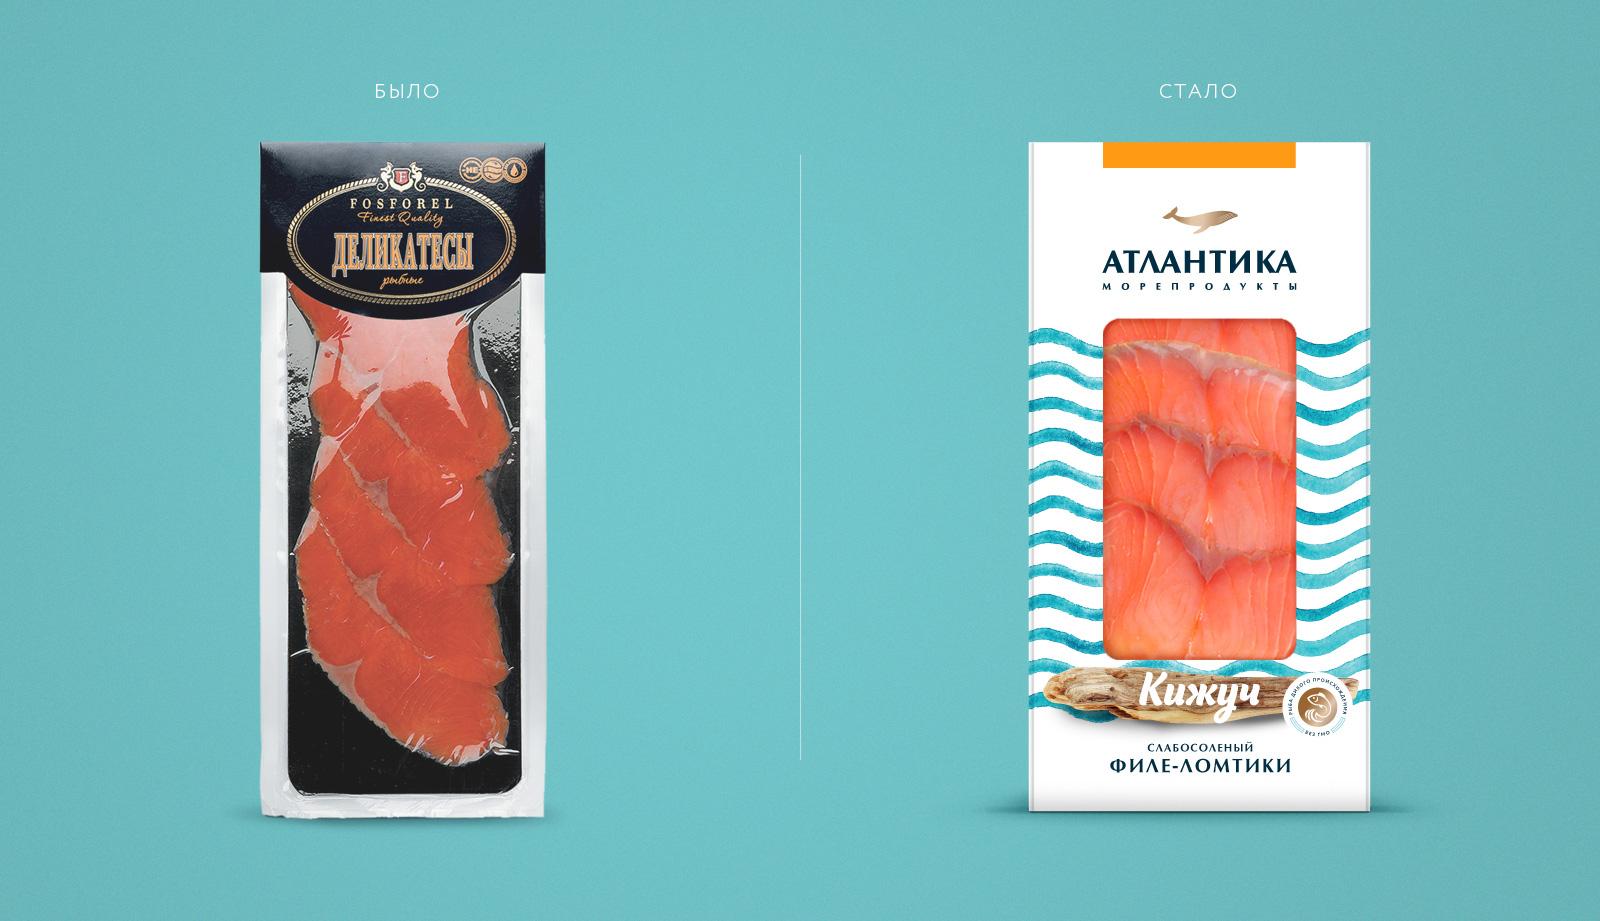 Ребрендинг Fosforel до и после: переход к новому названию «Атлантика» и тотальная смена имиджа в пользу более светлого, открытого, естественного, стильного образа